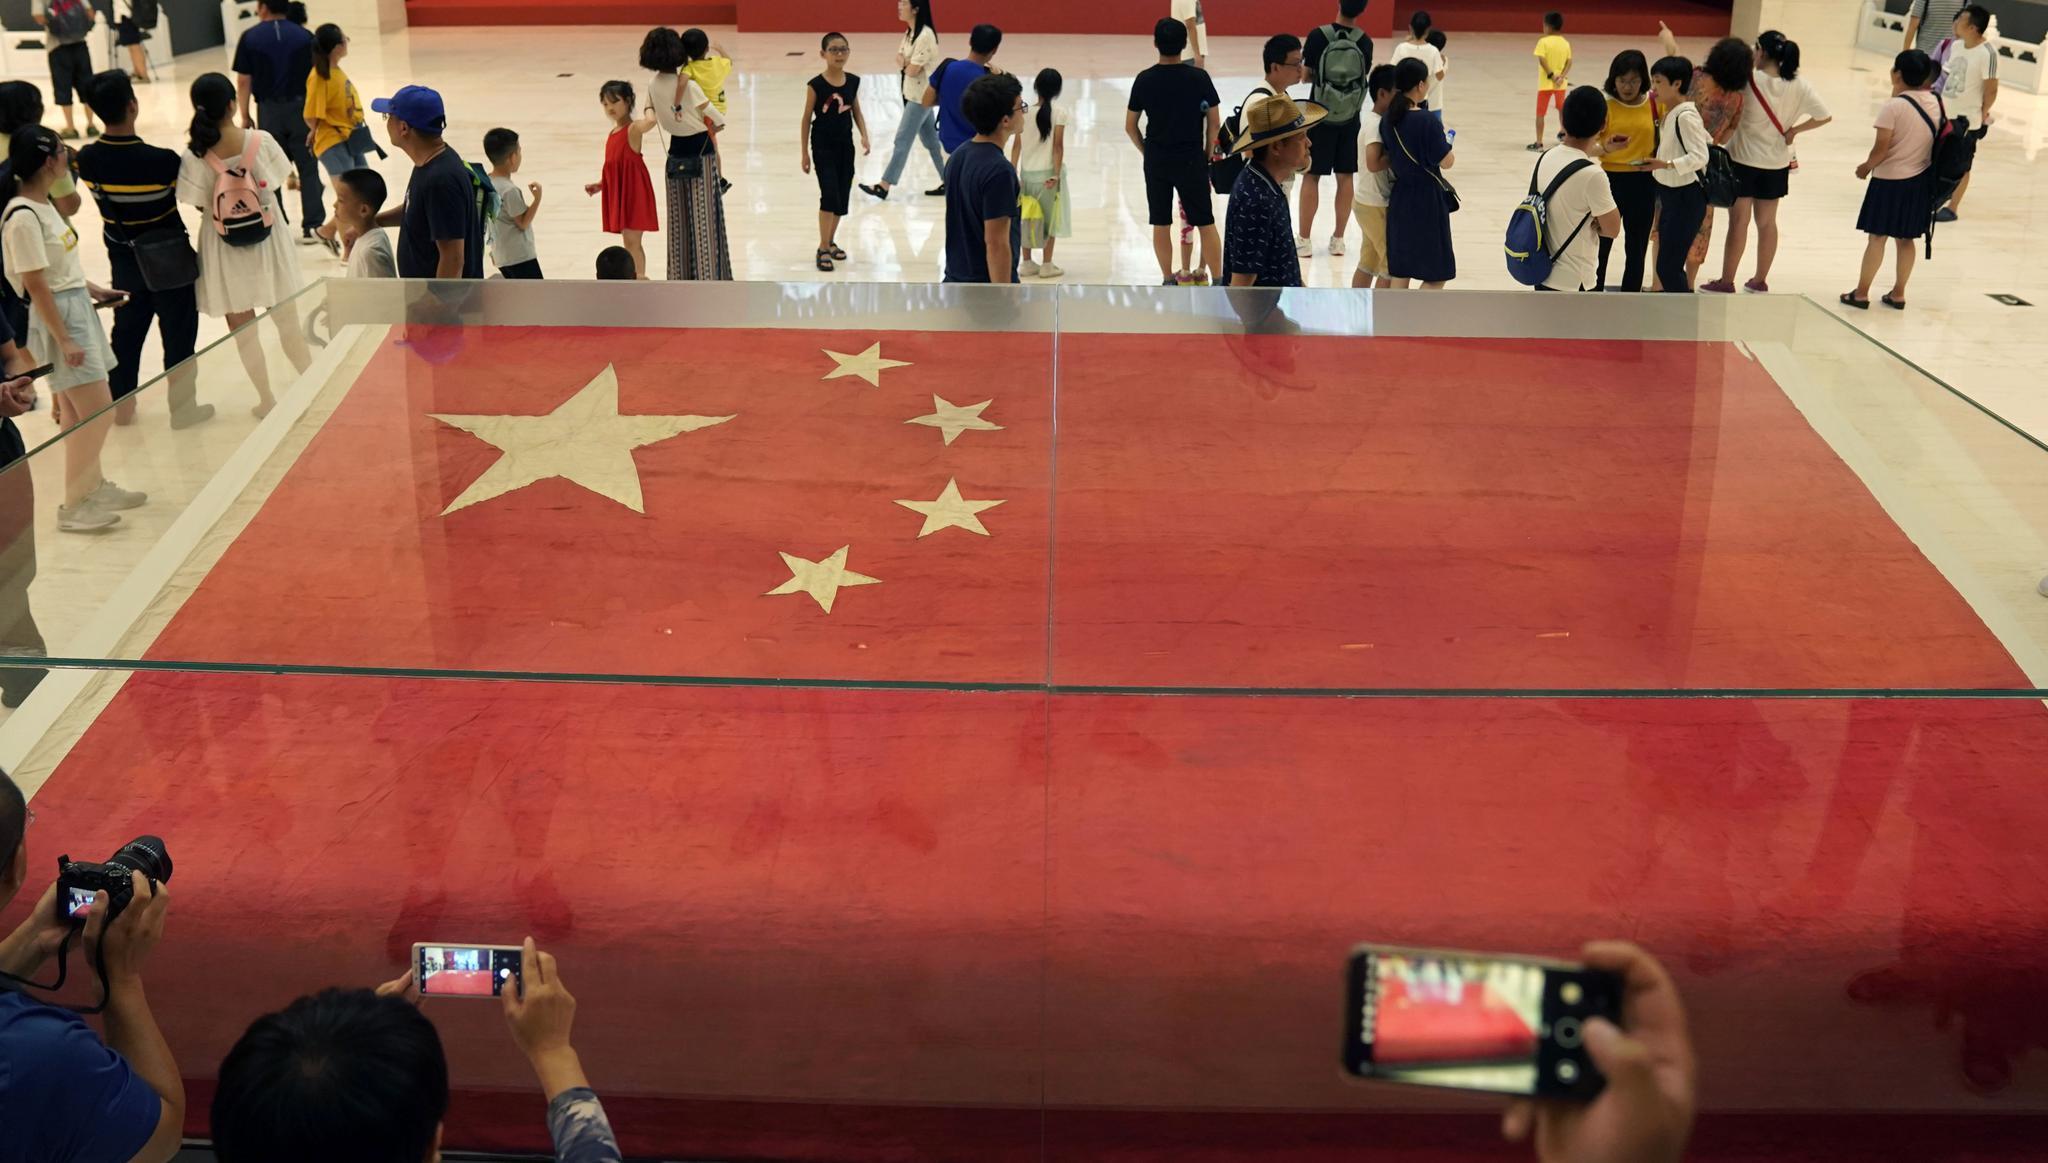 新中国成立70周年系列展览:回望初心 照见未来